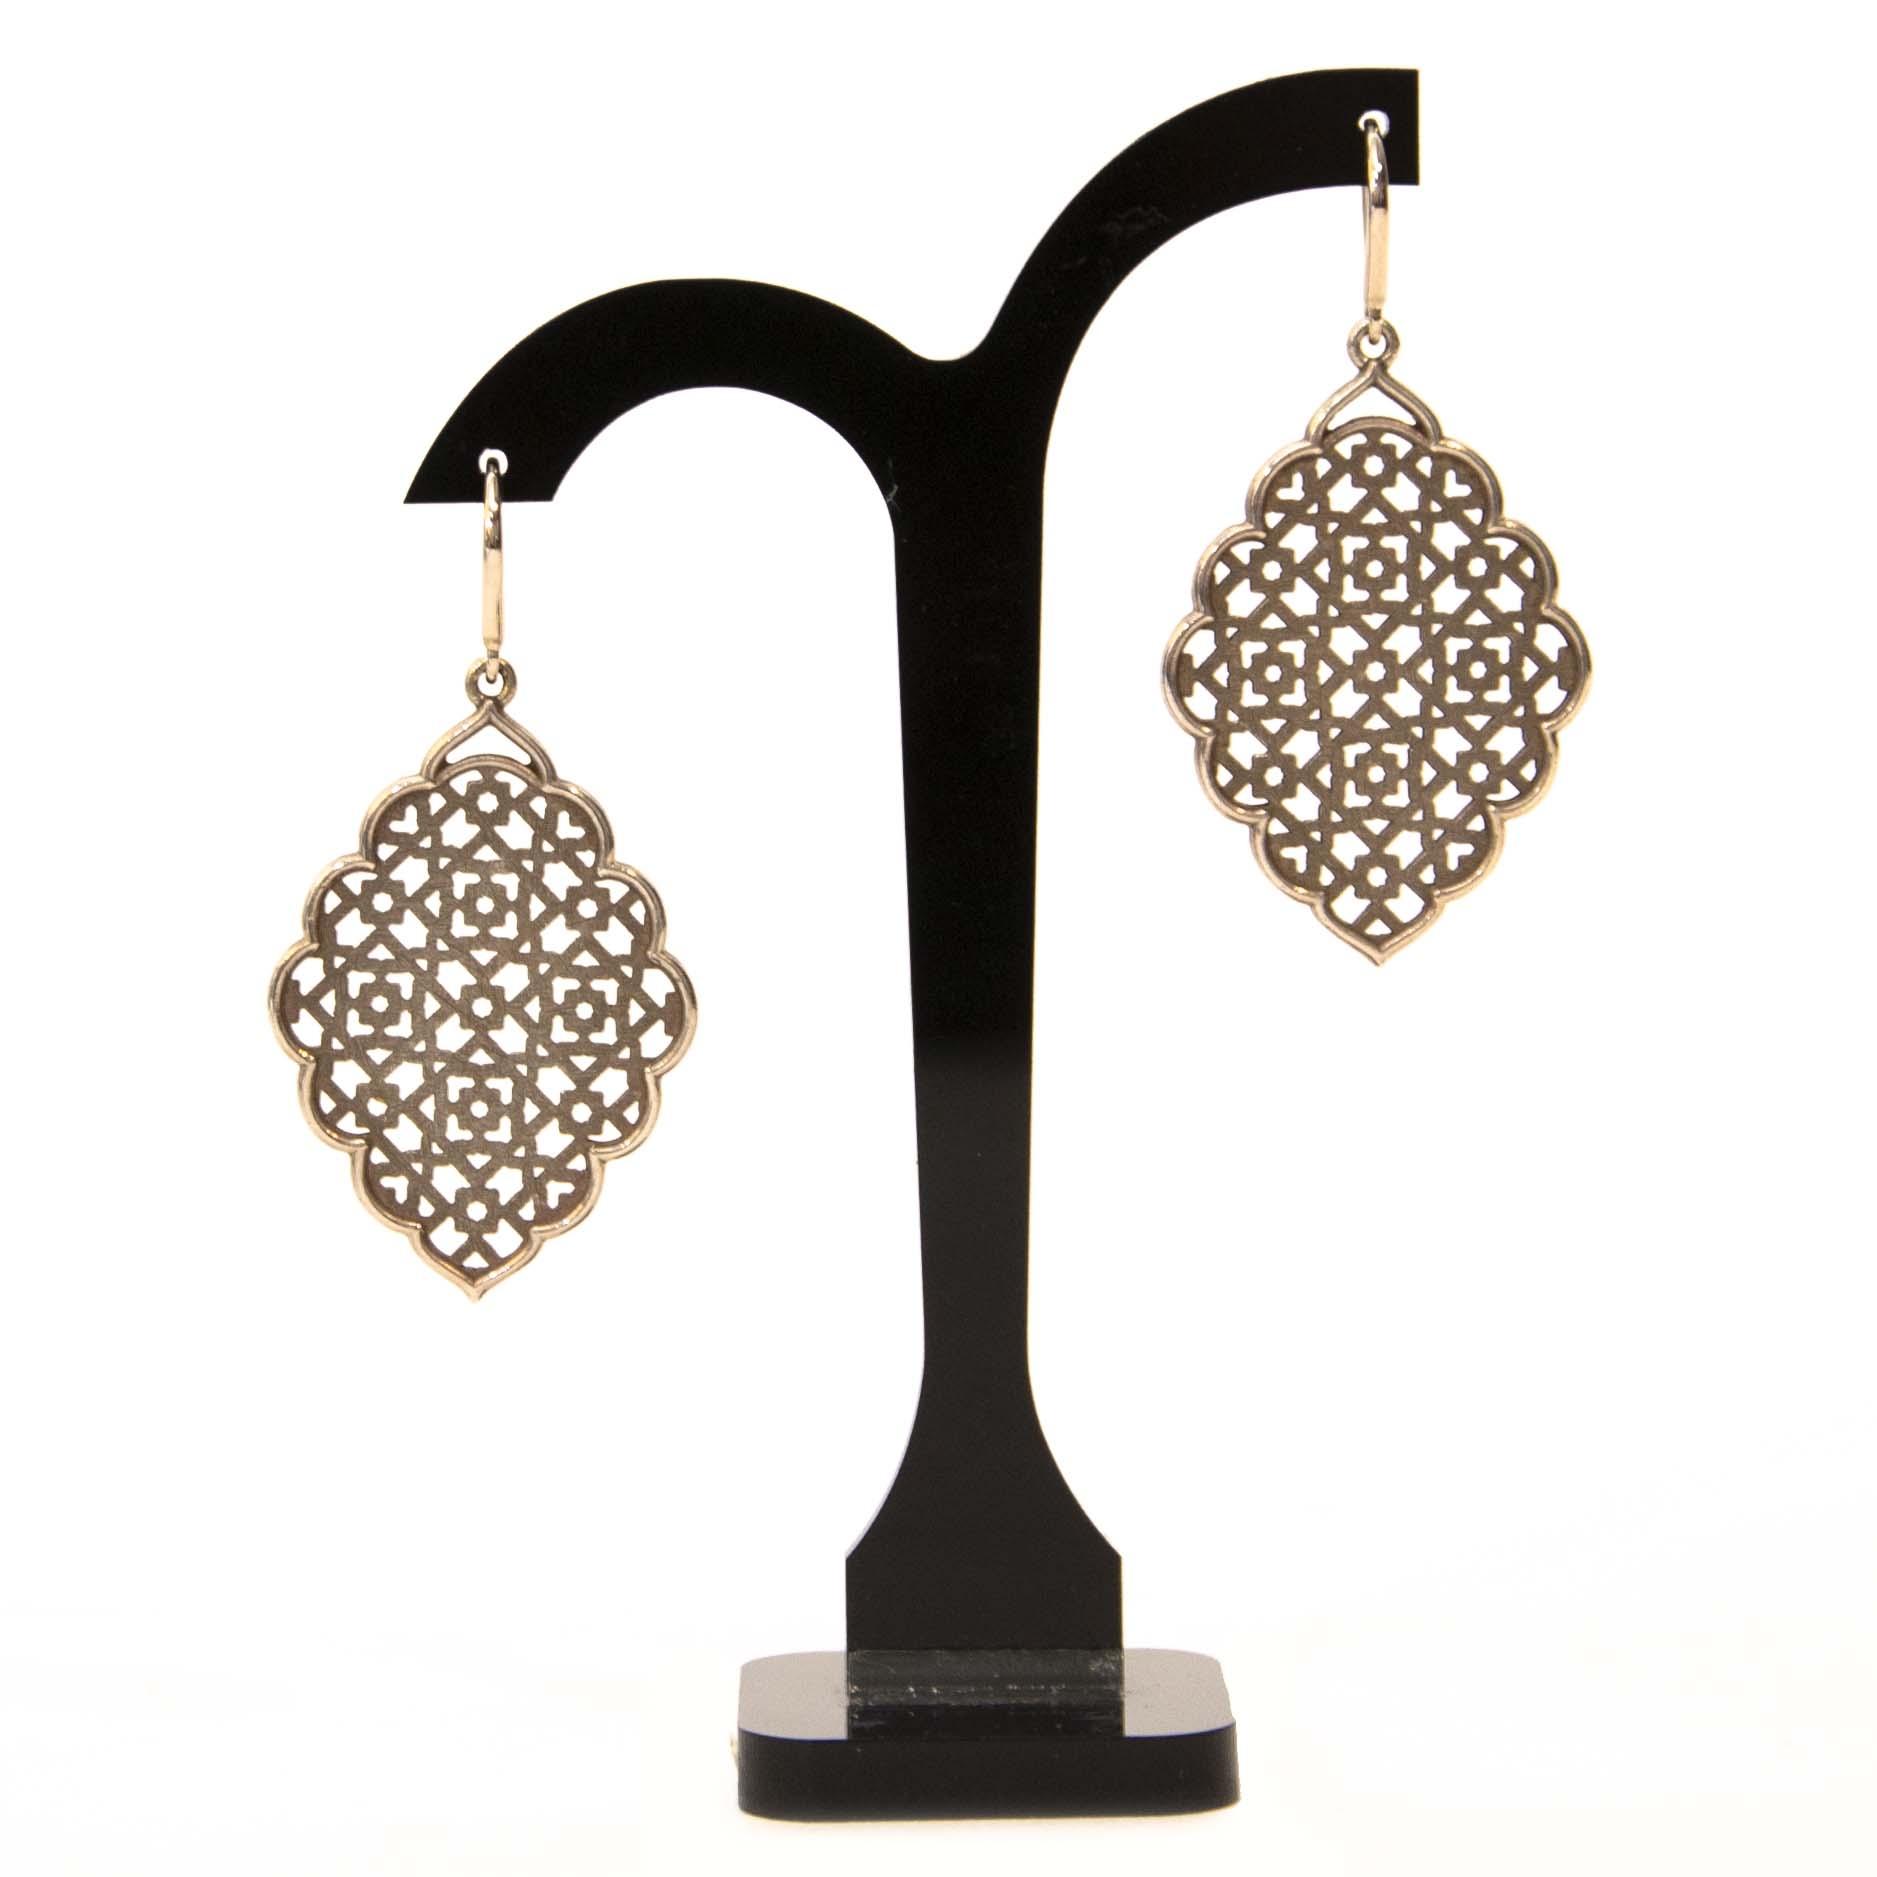 Koop authentieke oorbellen van Tiffany & Co aan de juiste prijs bij LabelLOV vintage webshop.